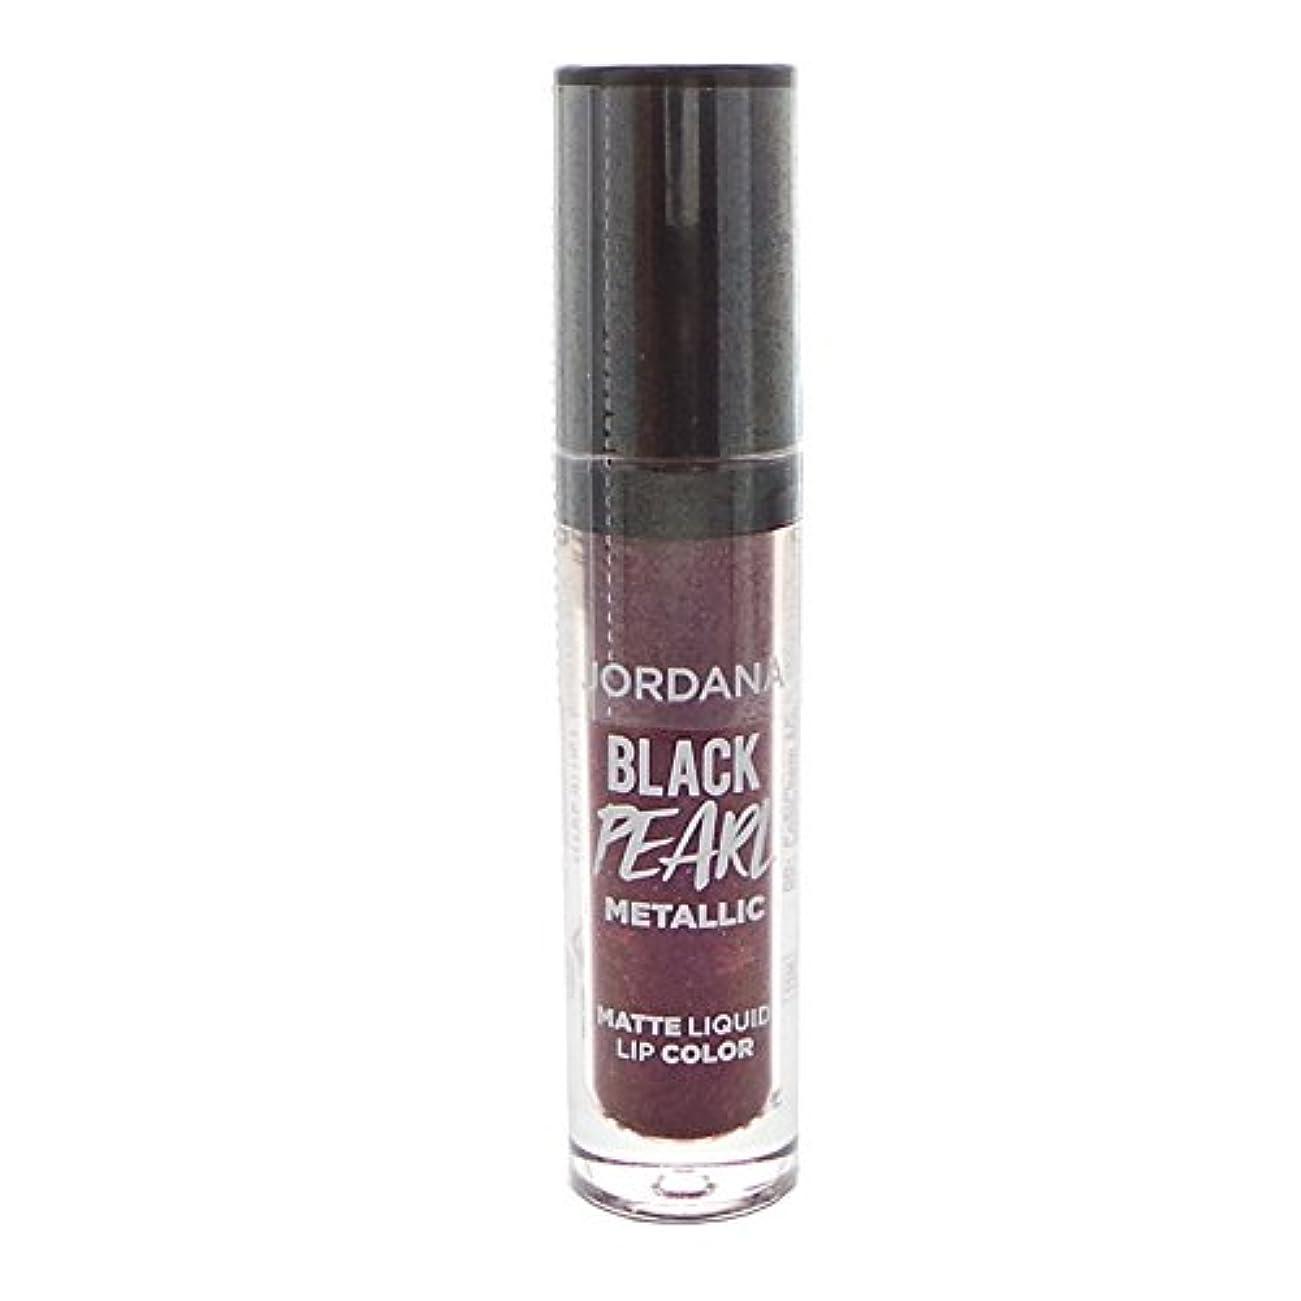 アーティストハンサム検索エンジンマーケティング(6 Pack) JORDANA Black Limited Edition Pearl Metallic Matte Liquid Lip Color - Hocus Pocus Plum (並行輸入品)